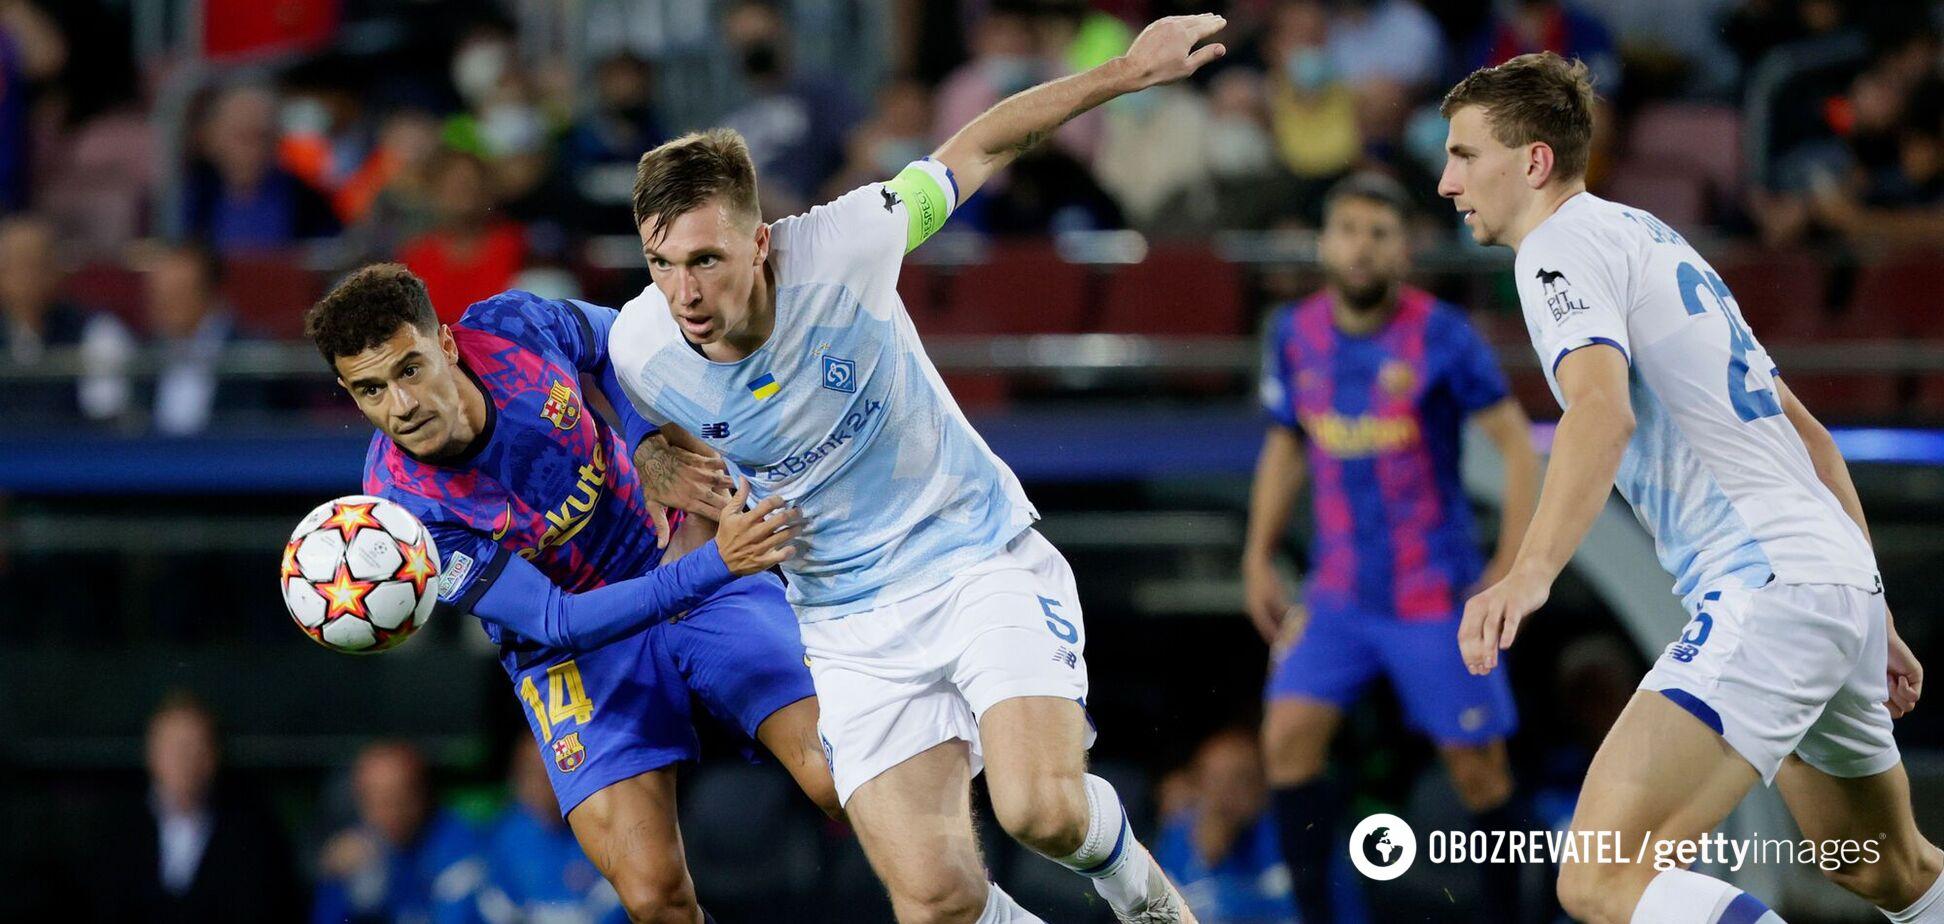 'Ми отримували задоволення': Сидорчук оцінив гру 'Динамо' з 'Барселоною'